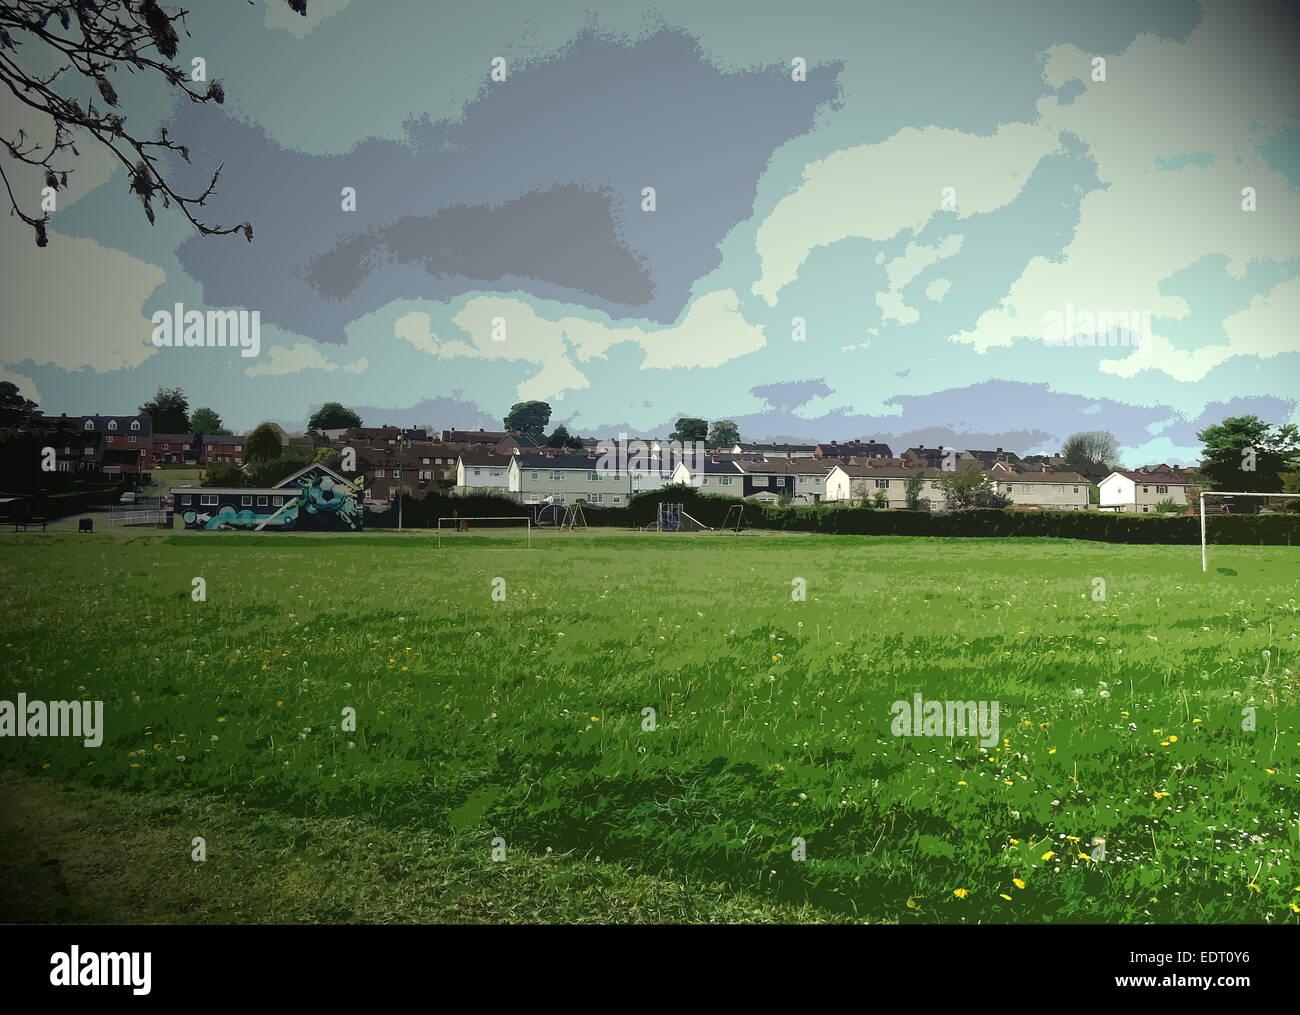 Les terrains de jeu par l'Mickley Estate, un terrain de football et un pavillon building Banque D'Images